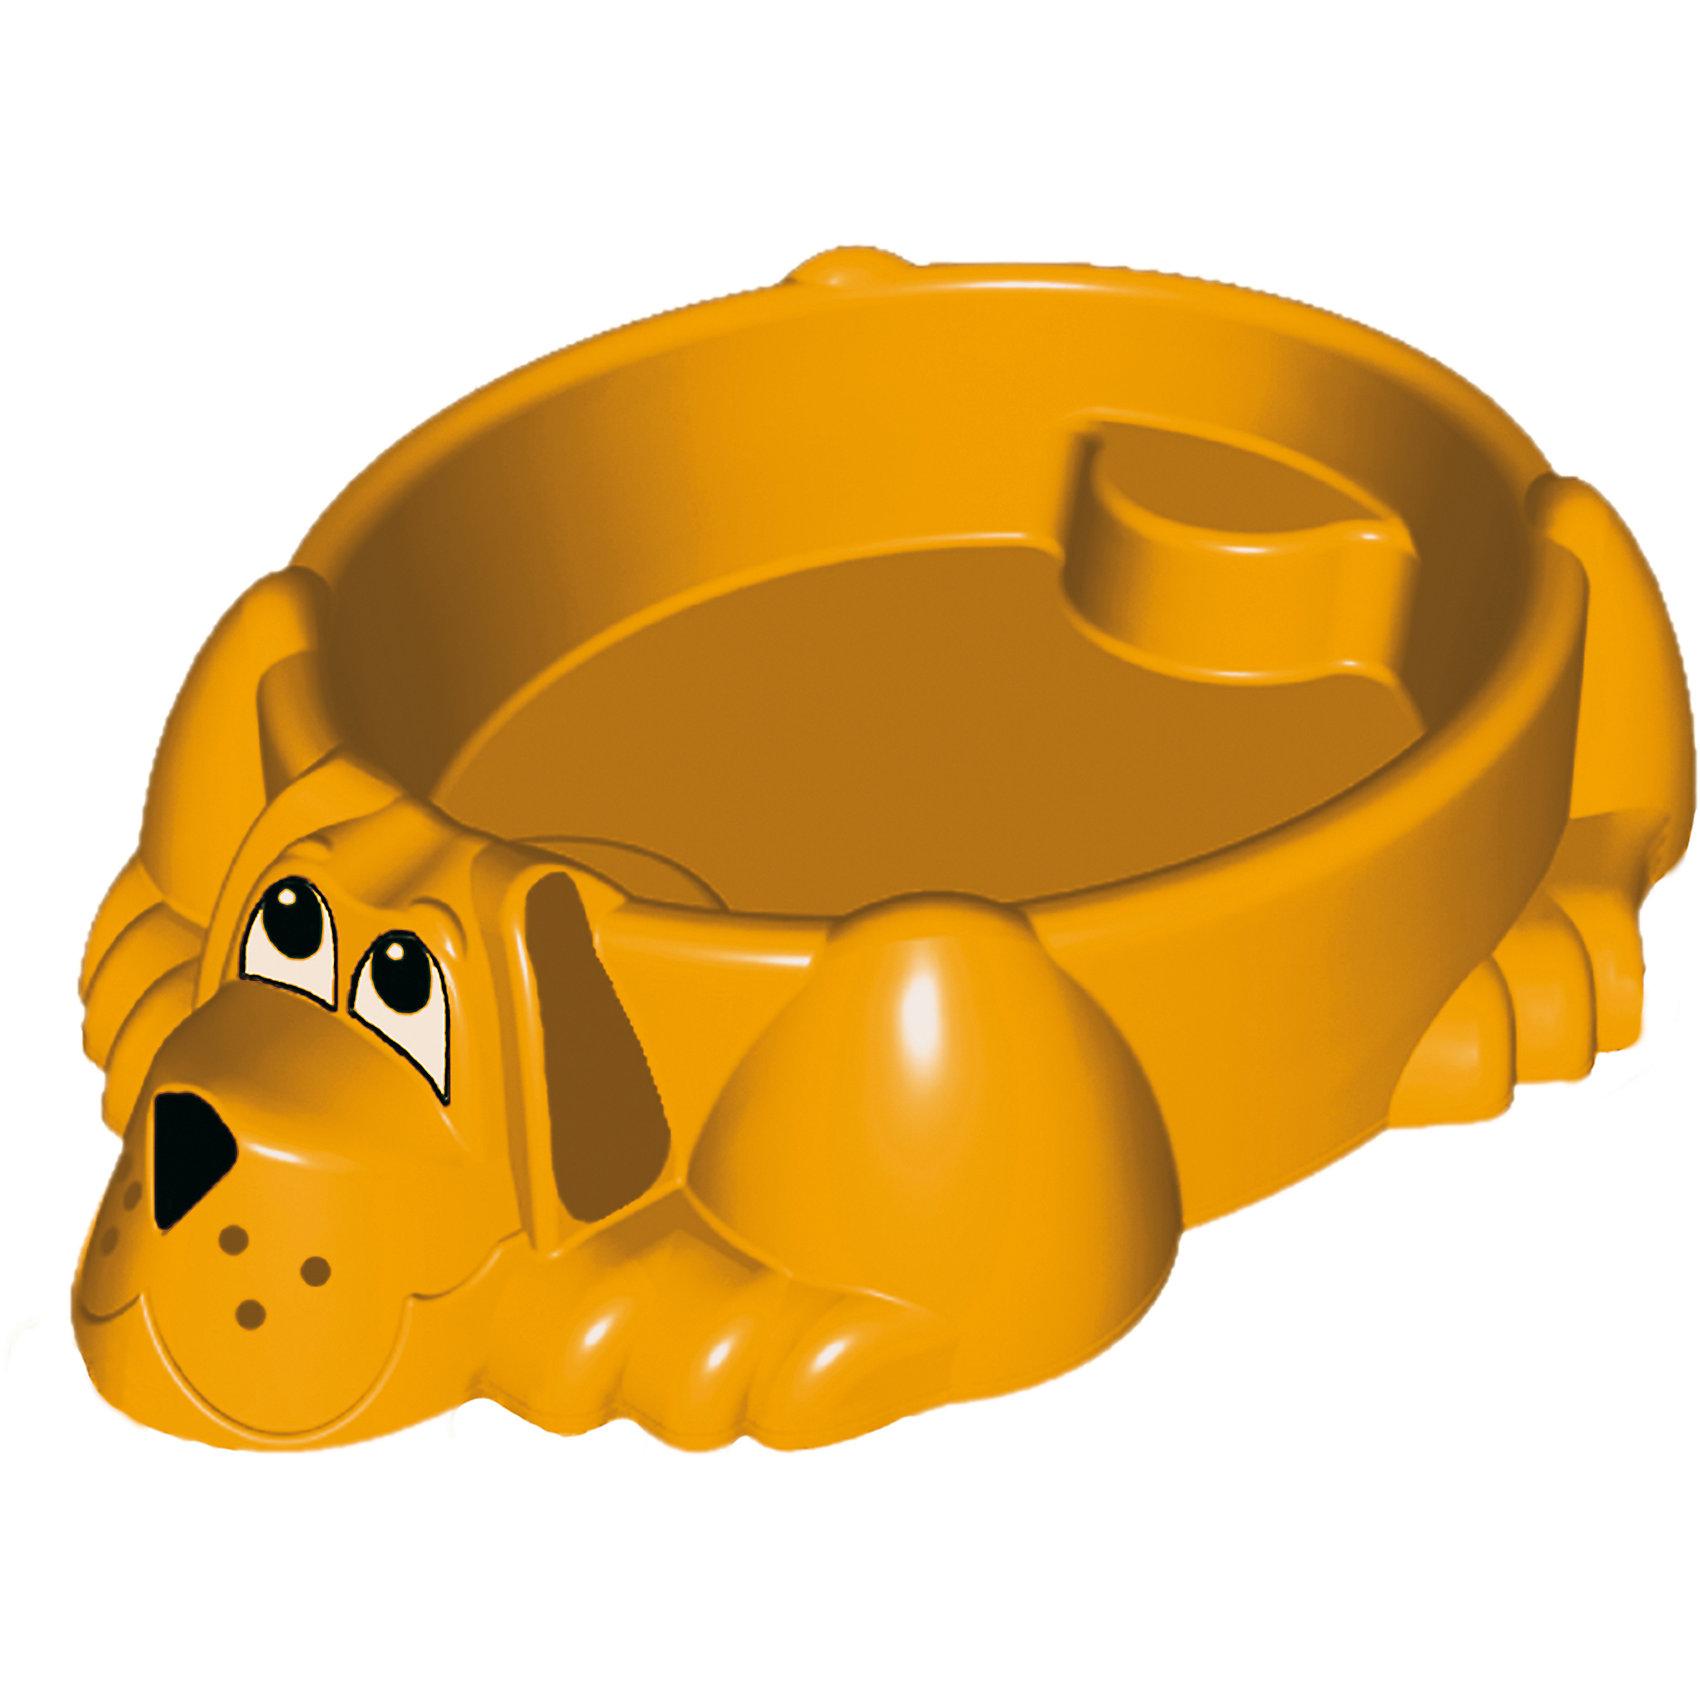 Бассейн-песочница Собачка, оранжевый, Marian PlastПесочница-бассейн Собачка Marianplast (Марианпласт) обязательно понравится Вашему малышу и станет его любимым местом для игр. Малыши очень любят игры в песке, куличики, а также игры с водой. Песочница Собачка совмещает в себе эти две игровые возможности, ее можно использовать и как песочницу и как минибассейн. Благодаря своим компактным<br>размерам песочницу подойдет как для игры на улице, на даче, так и в закрытом помещении.<br><br>Песочница-бассейн выполнена в виде забавного песика, внутри имеются фигурные выступы (в голове и хвосте собаки), на которые малыши смогут присесть и отдохнуть. В песочнице могут разместиться двое детей. Песочница округлой формы без острых углов, высота бортика - 25 см. В комплект также входят наклейки в виде глазок, носа и ушей собачки.<br><br>ВНИМАНИЕ! Товар поставляется в ассортименте. Цвета в ассортименте: голубой, зеленый, желтый. Выбрать цвет заранее нельзя!<br><br>Дополнительная информация:<br><br>- В комплекте: песочница-бассейн, наклейки (уши, нос, глаза собаки). <br>- Материал: высокопрочный морозостойкий пластик.<br>- Размер: 92 х 115 х 25 см.<br>- Вес: 4 кг.<br><br>Бассейн - Собачку от Marianplast (Марианпласт) можно купить в нашем интернет-магазине.<br><br>Ширина мм: 1150<br>Глубина мм: 920<br>Высота мм: 265<br>Вес г: 4040<br>Возраст от месяцев: 24<br>Возраст до месяцев: 96<br>Пол: Унисекс<br>Возраст: Детский<br>SKU: 4055321